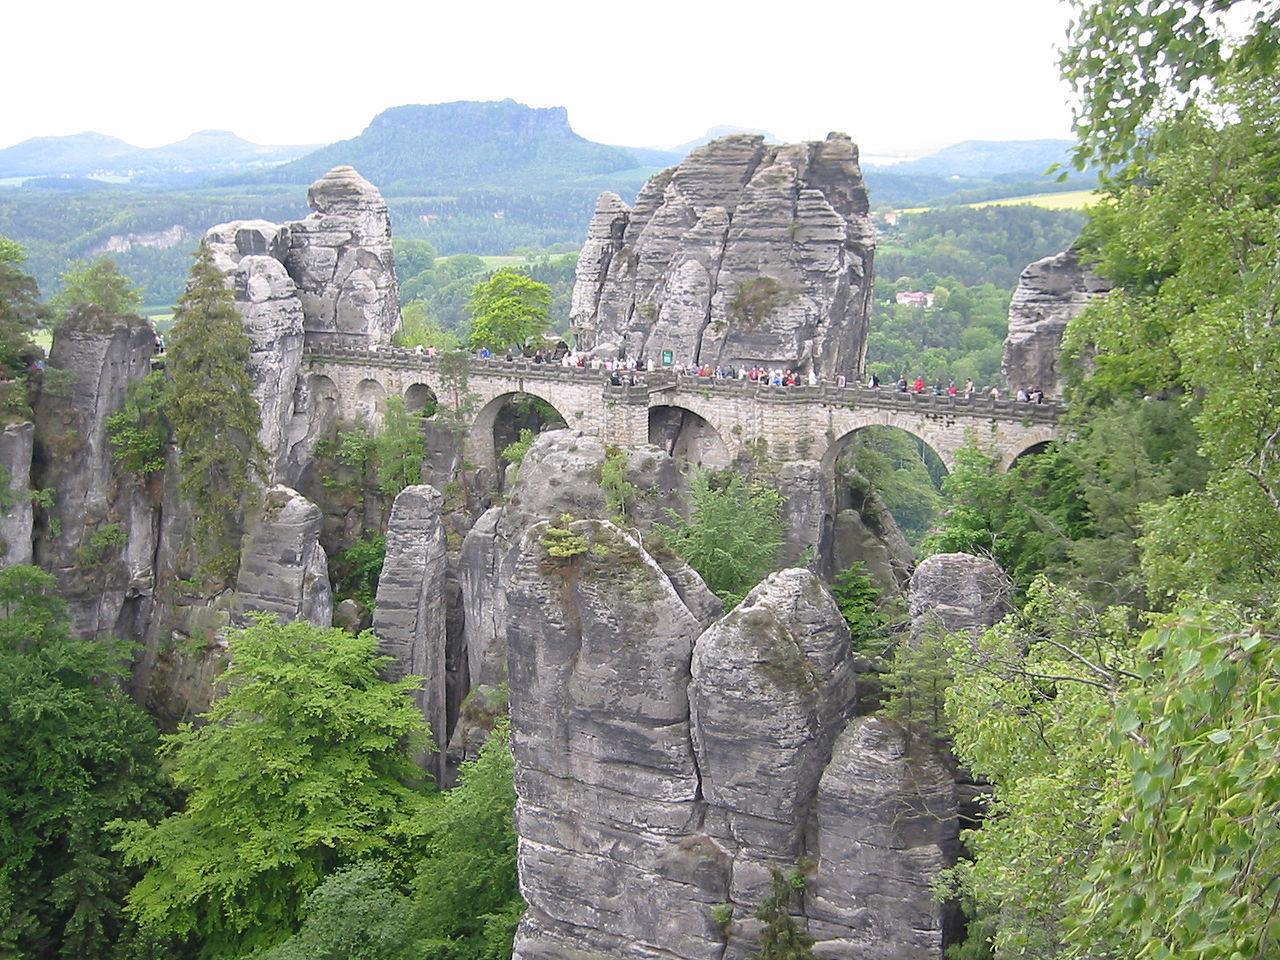 Suisse saxonne, Allemagne